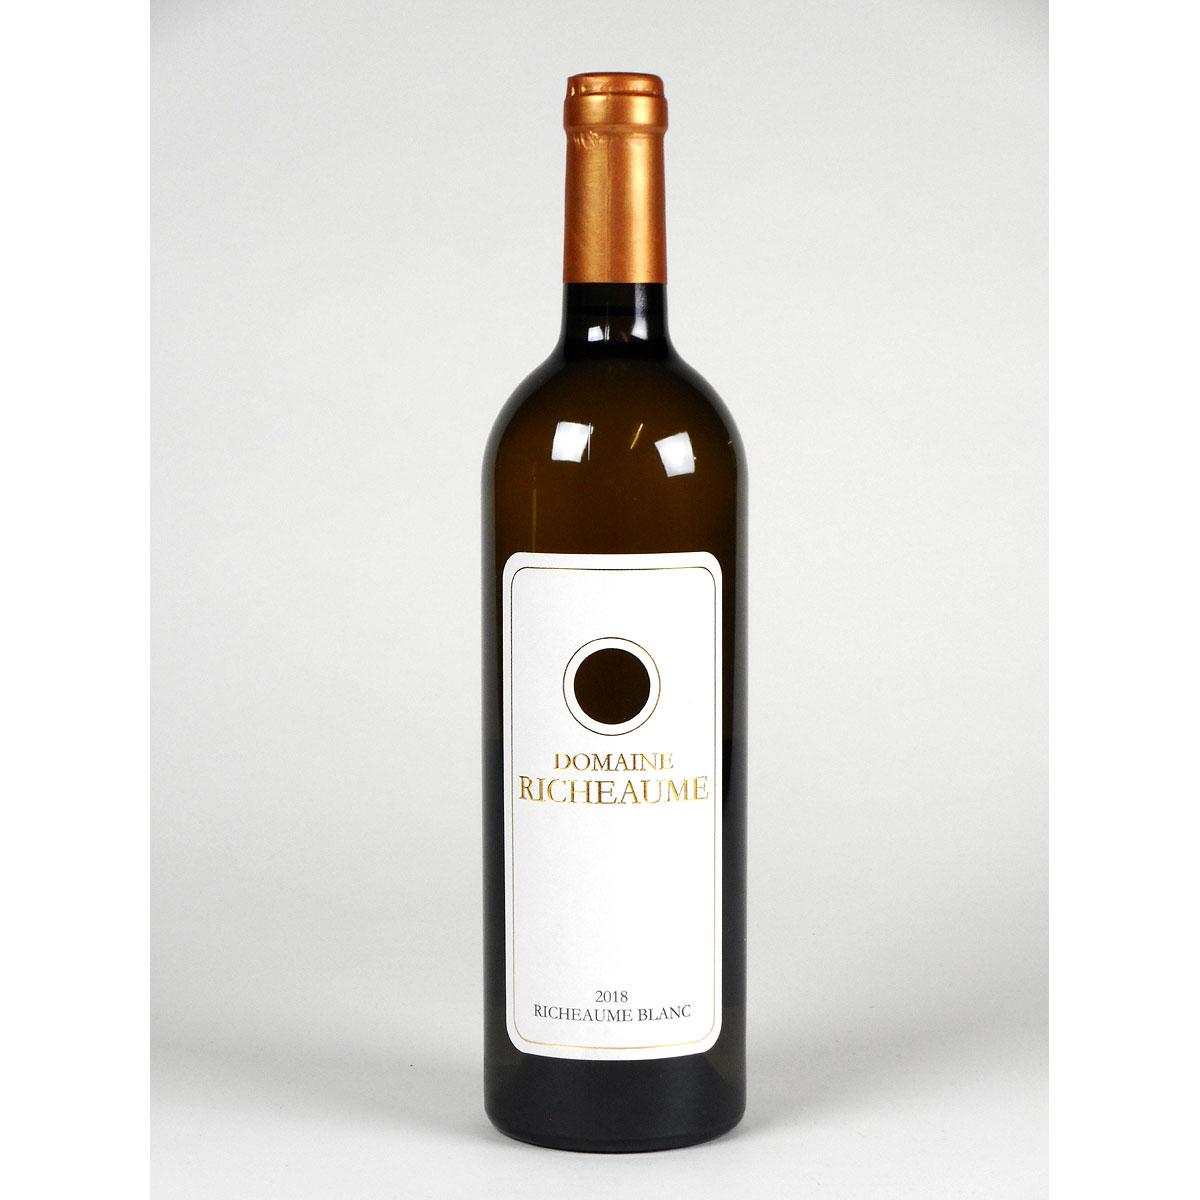 IGP Méditerranée: Domaine Richeaume 'Tradition' Blanc 2018 - Bottle